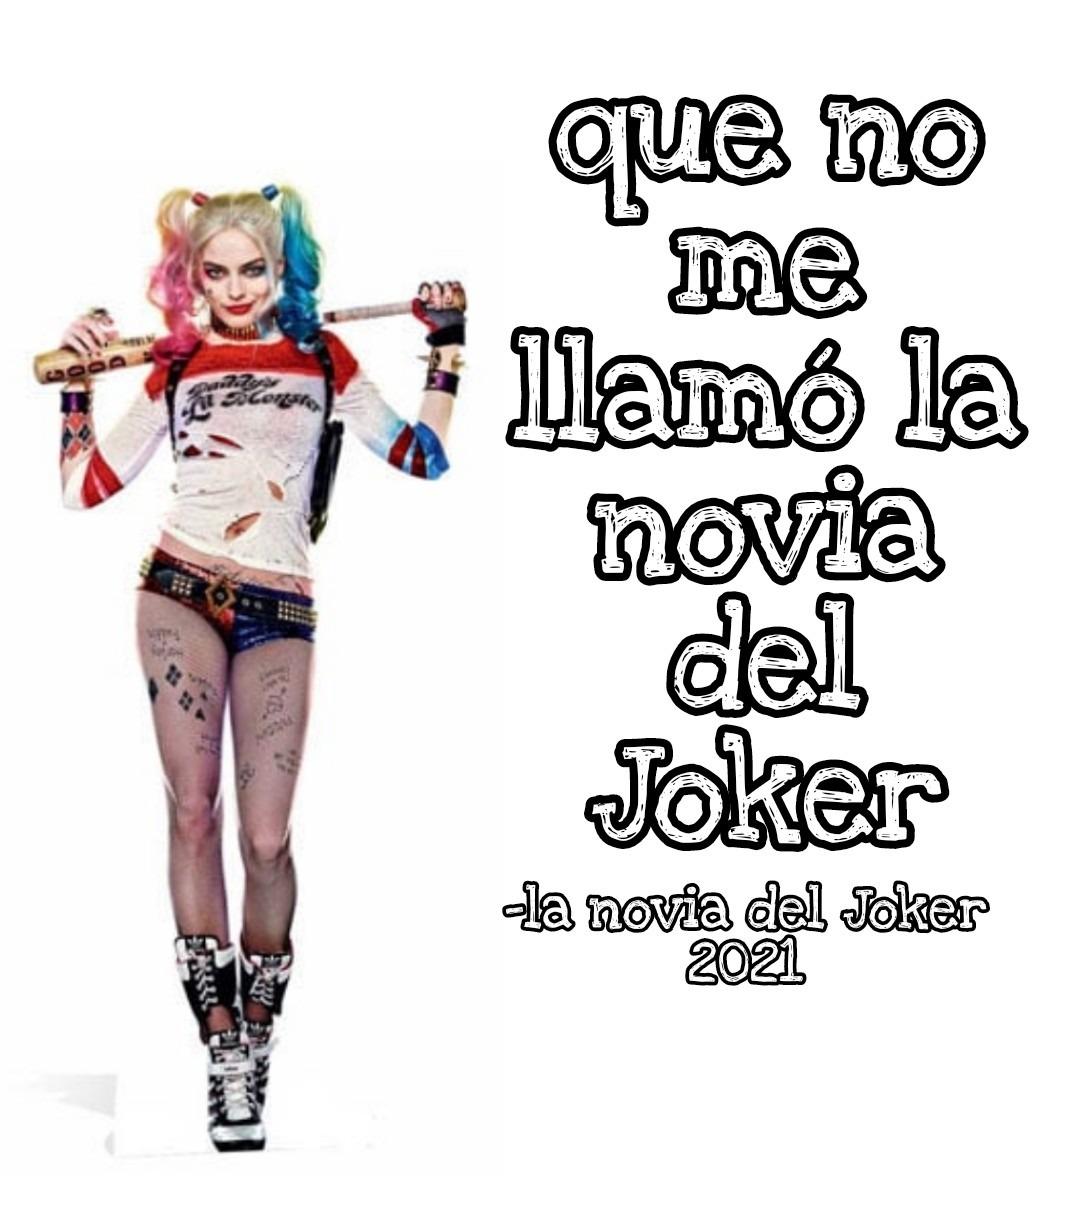 La noche del Joker - meme